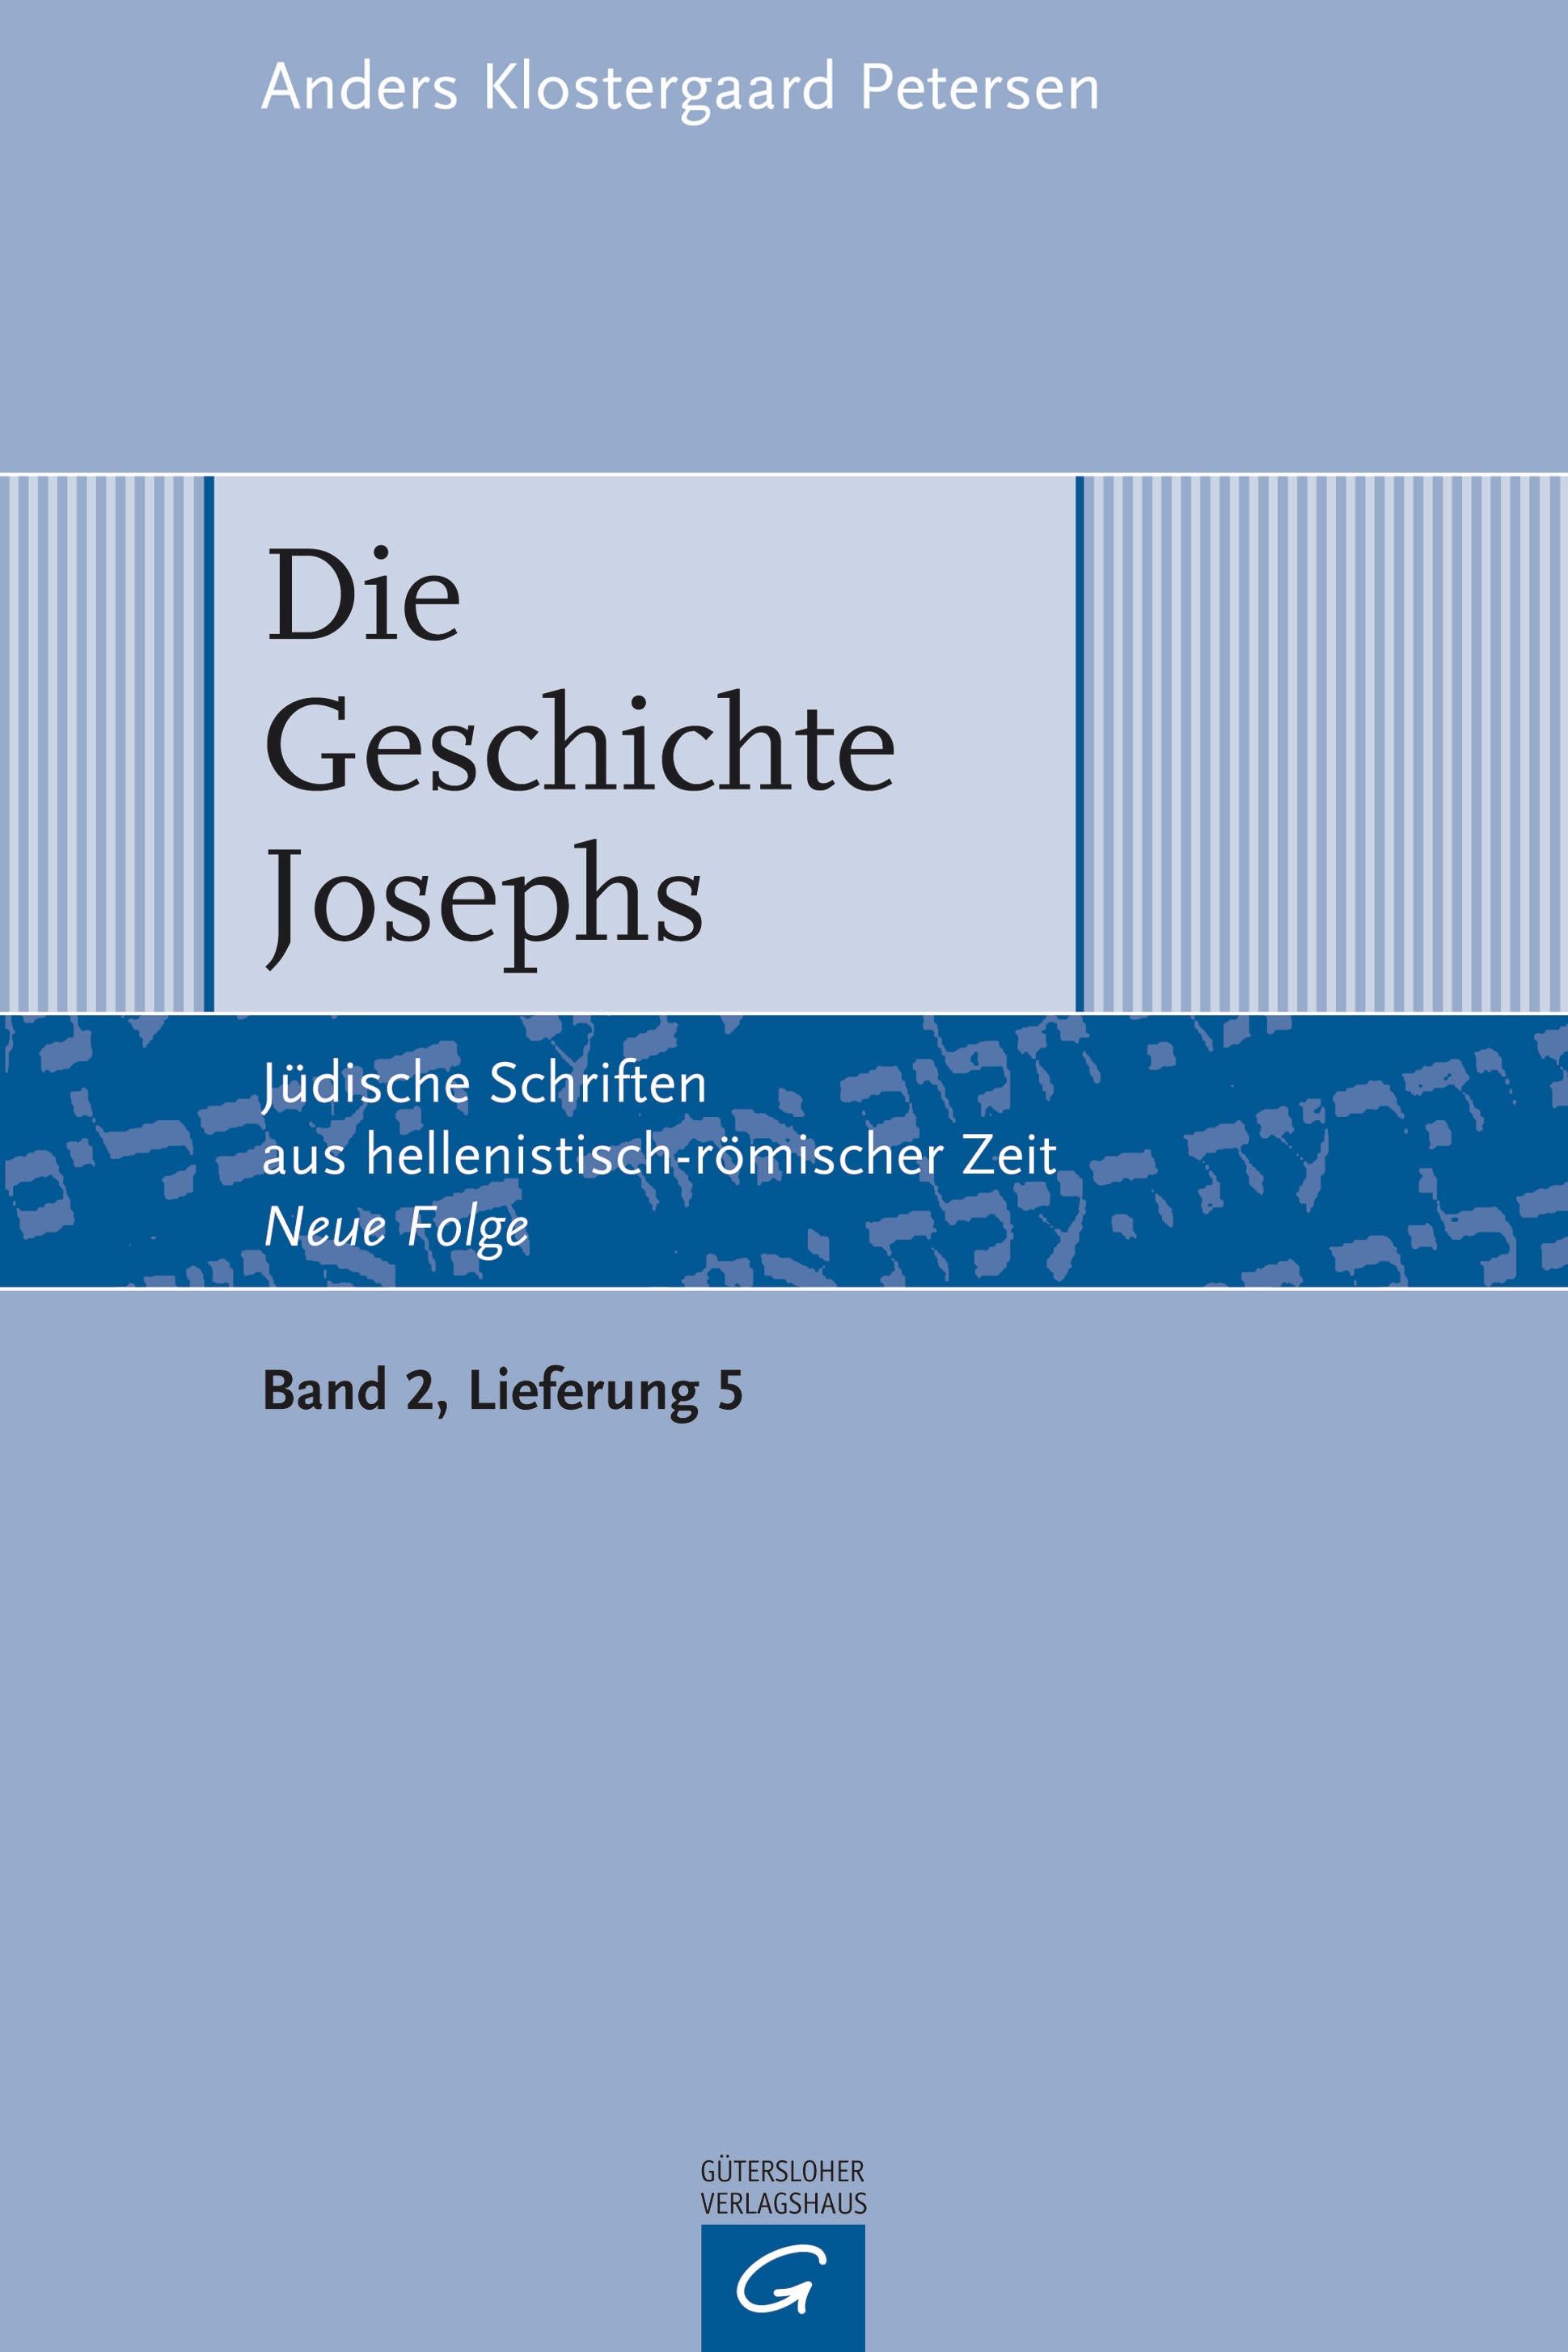 Die Geschichte Josephs - Anders Klostergaard Petersen